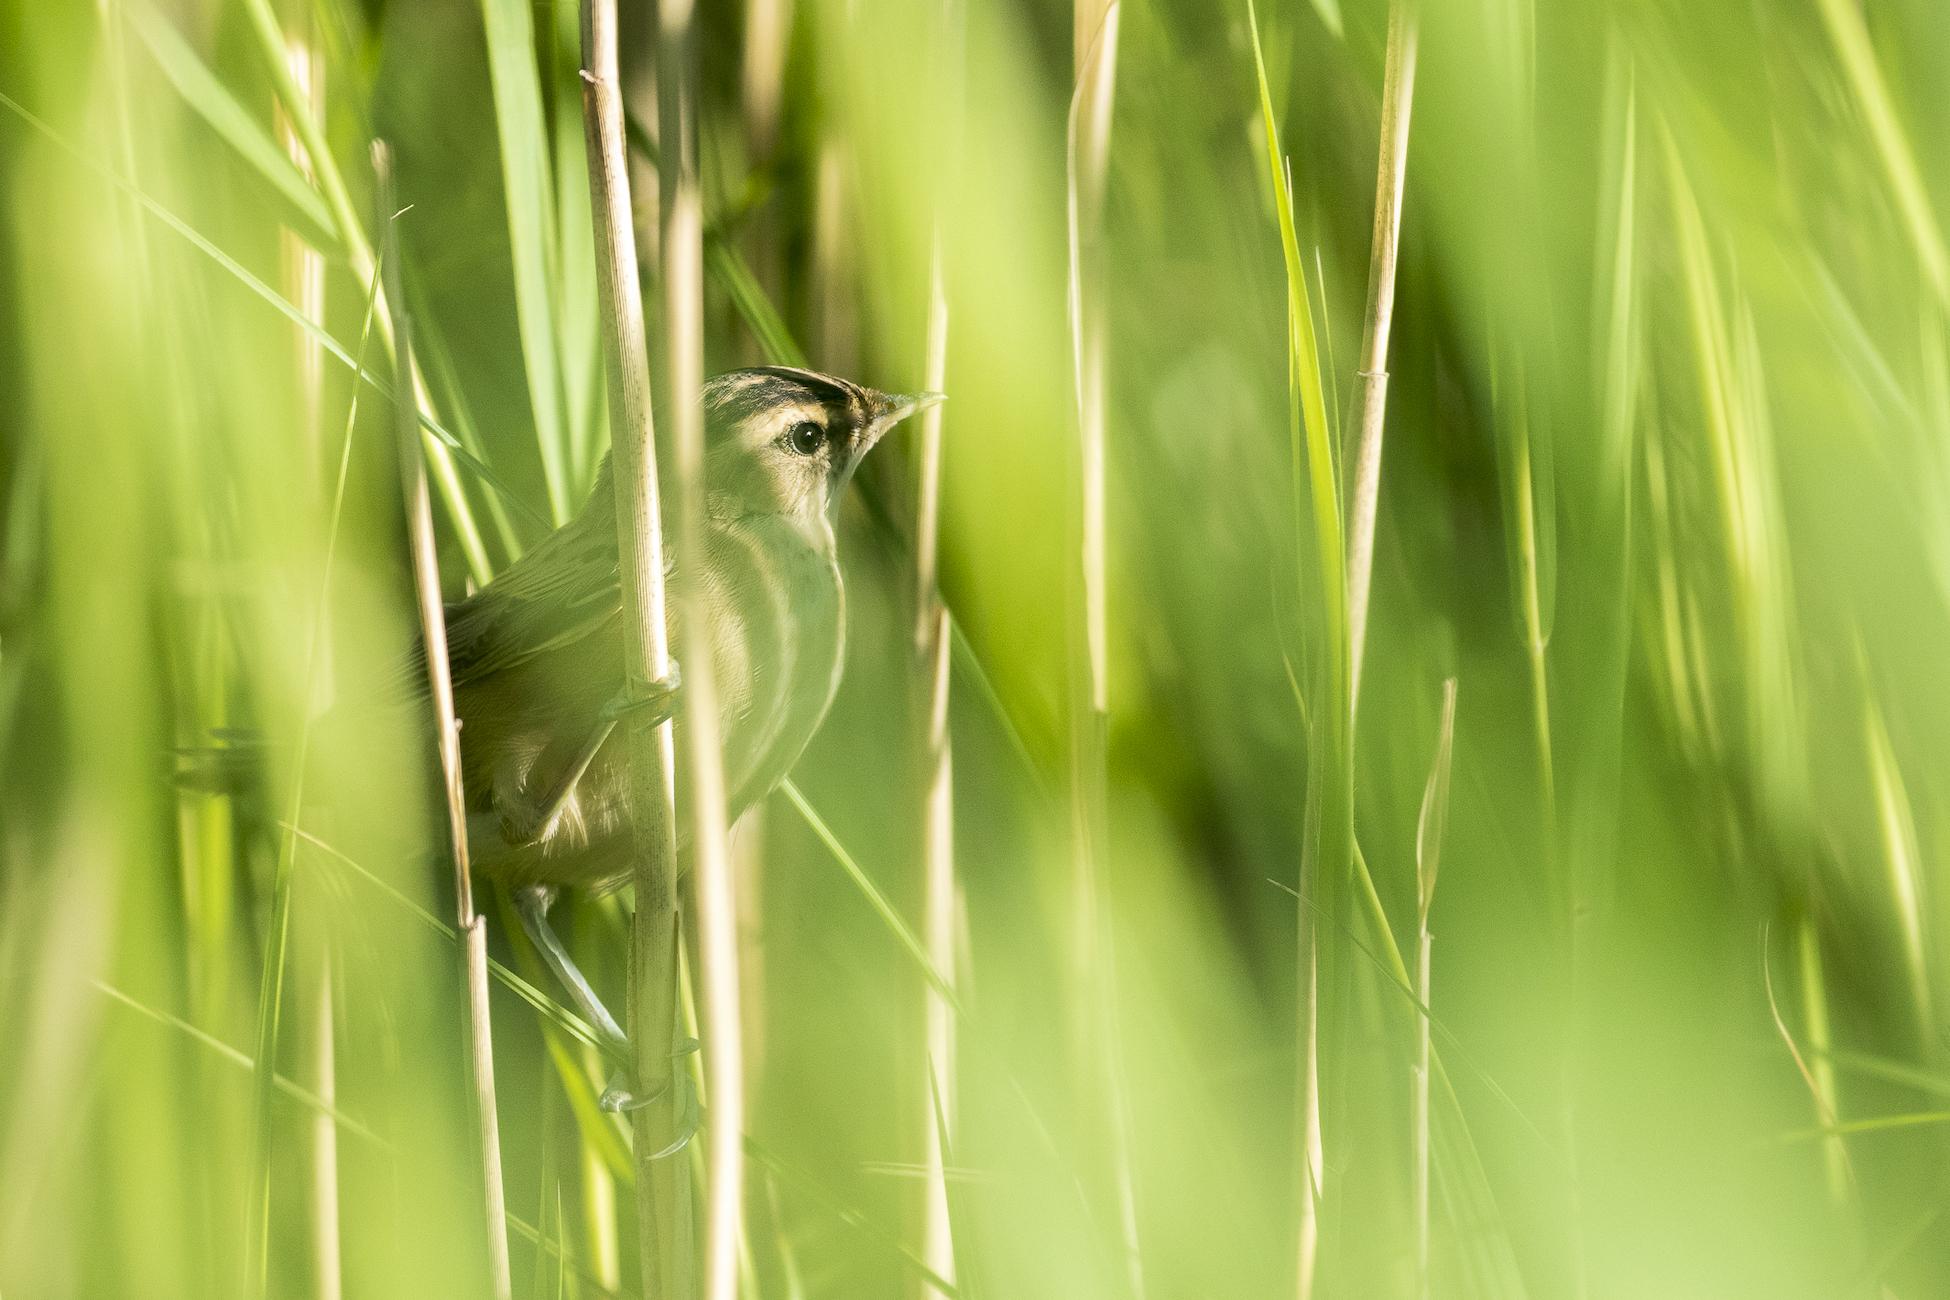 Ūgtelėjęs meldinių nendrinukių jauniklis, beislepiantis giliai žolėse Žuvinto biosferos rezervate